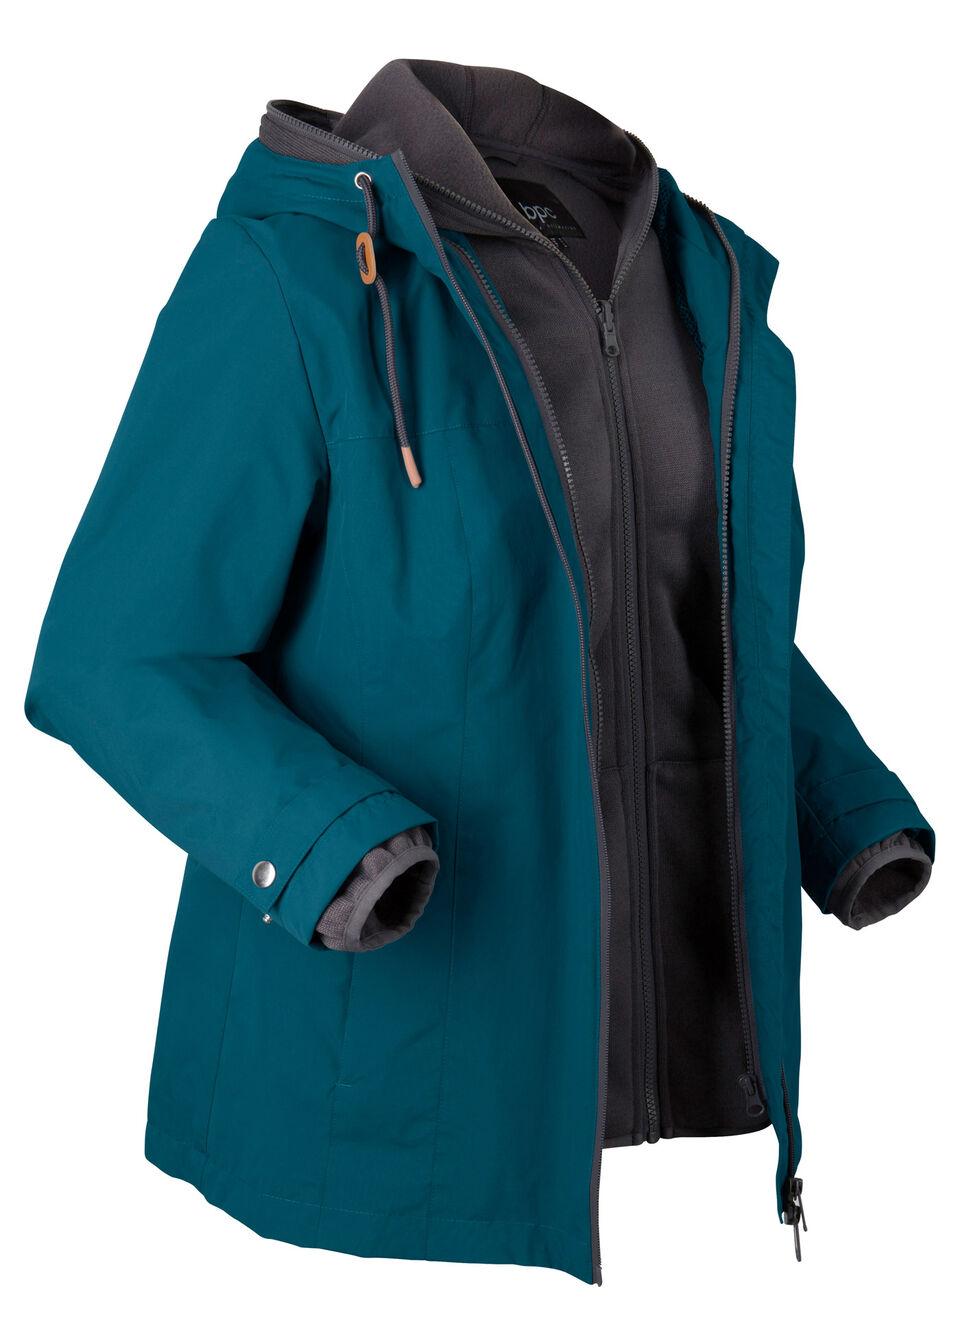 Kurtka funkcyjna 3/4, z bluzą z polaru bonprix niebieskozielono-szary